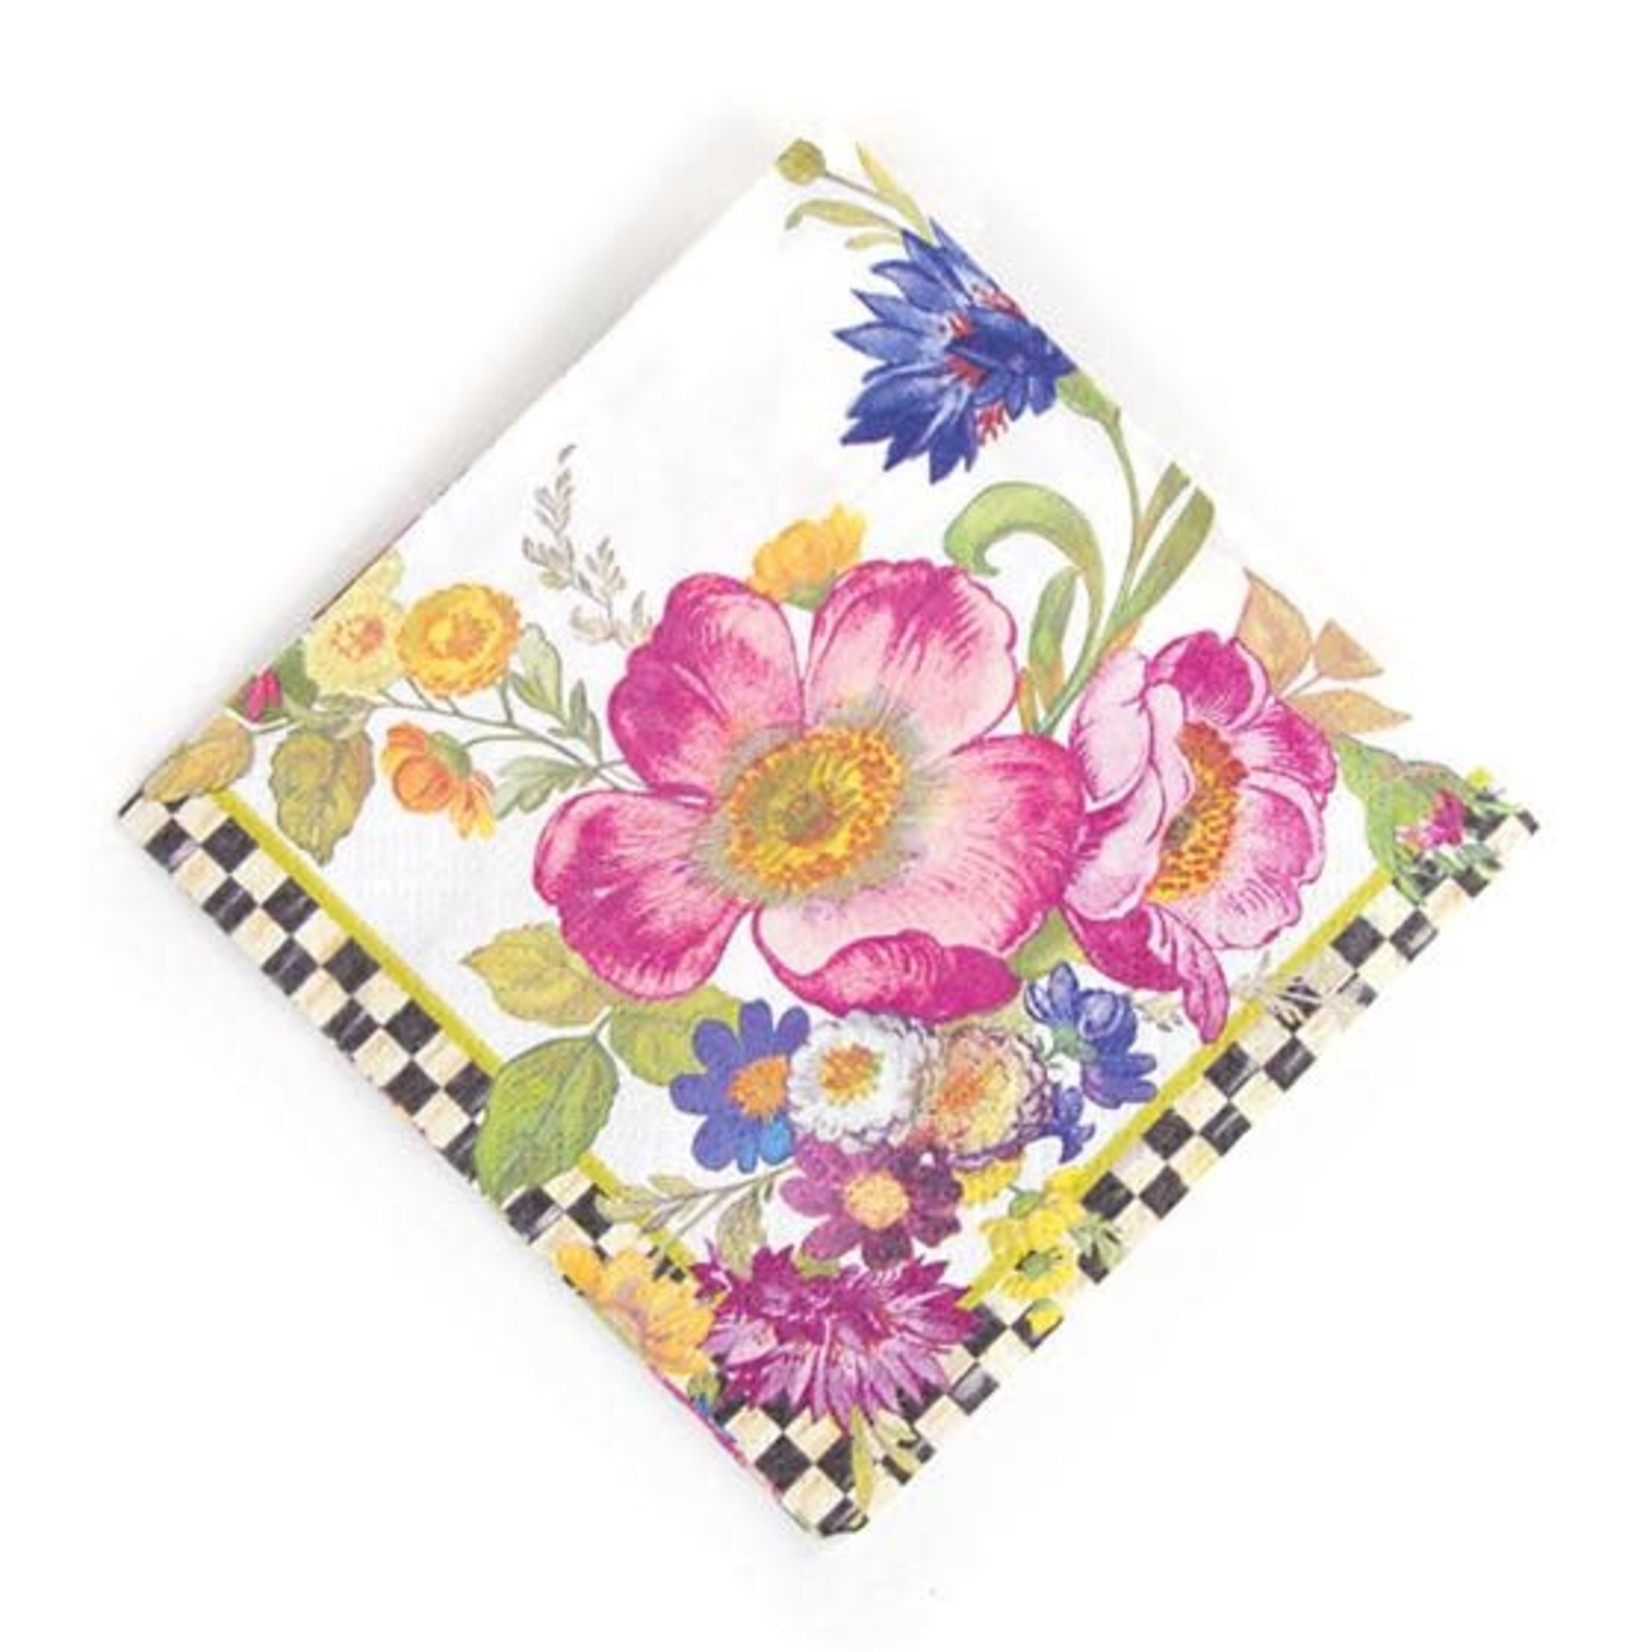 MacKenzie Childs Flower Market Paper Napkins - Cocktail -